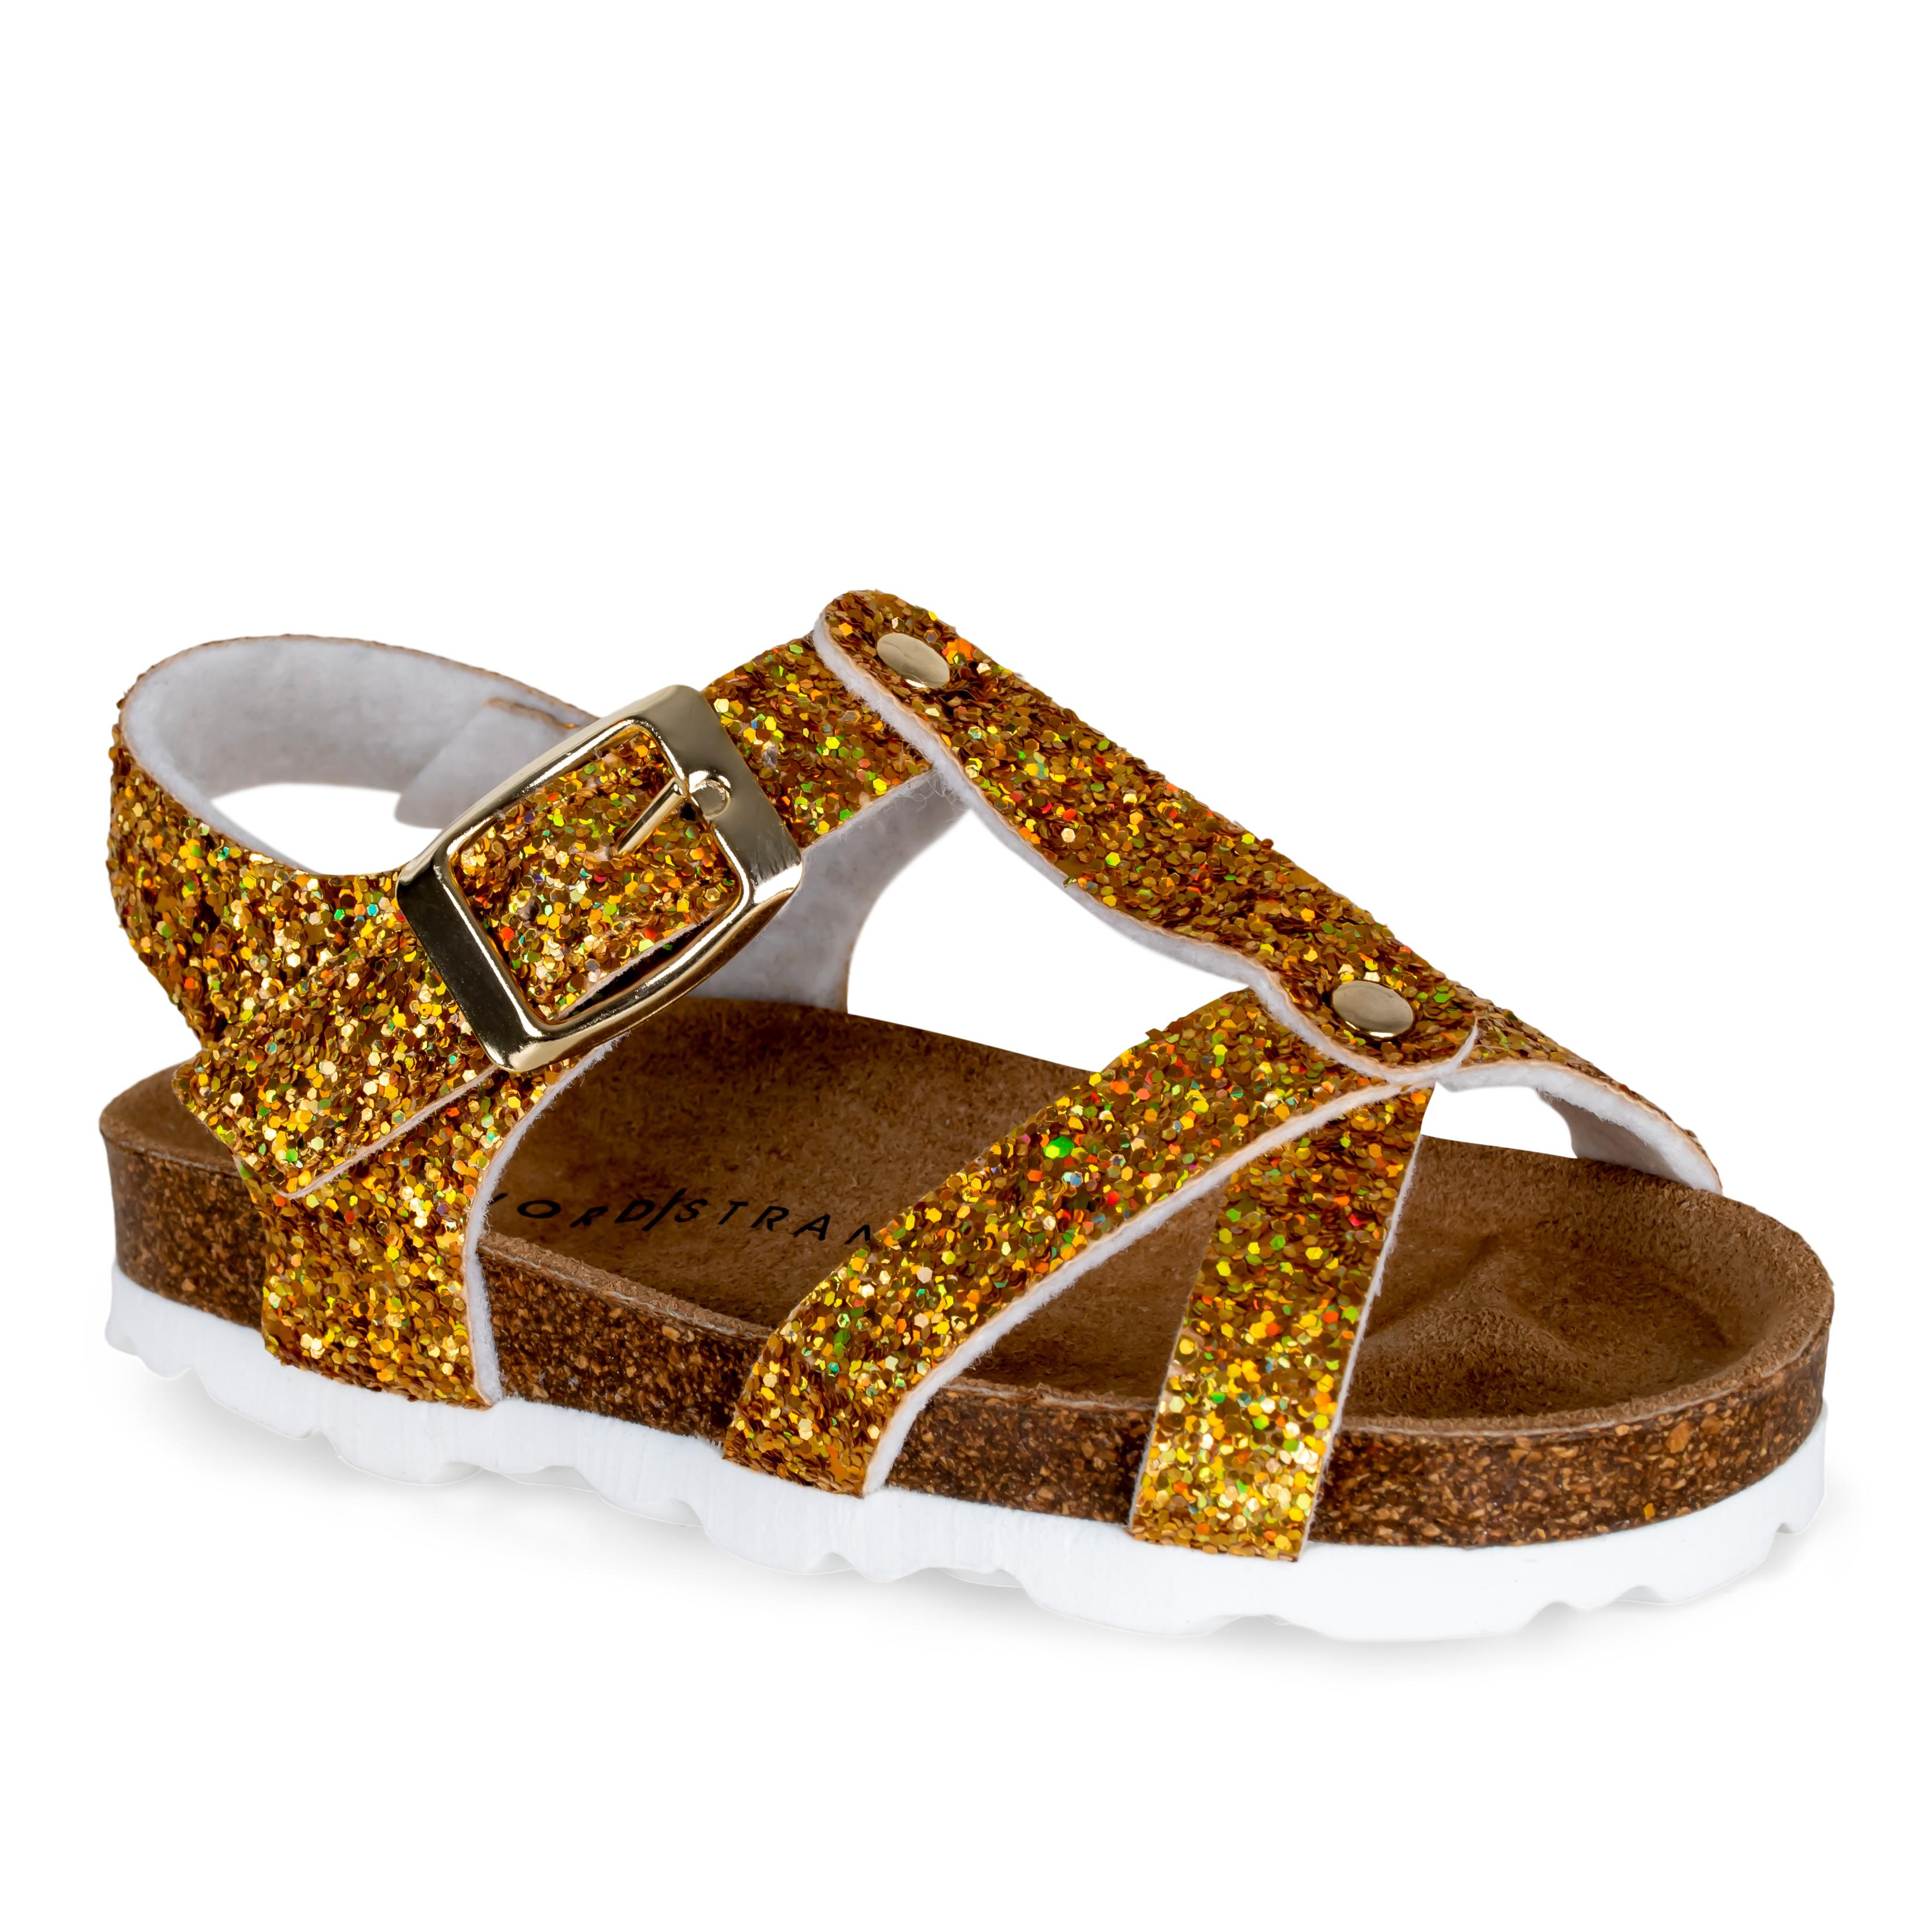 Nordstrand 11229 sandal, gold glitter, 34